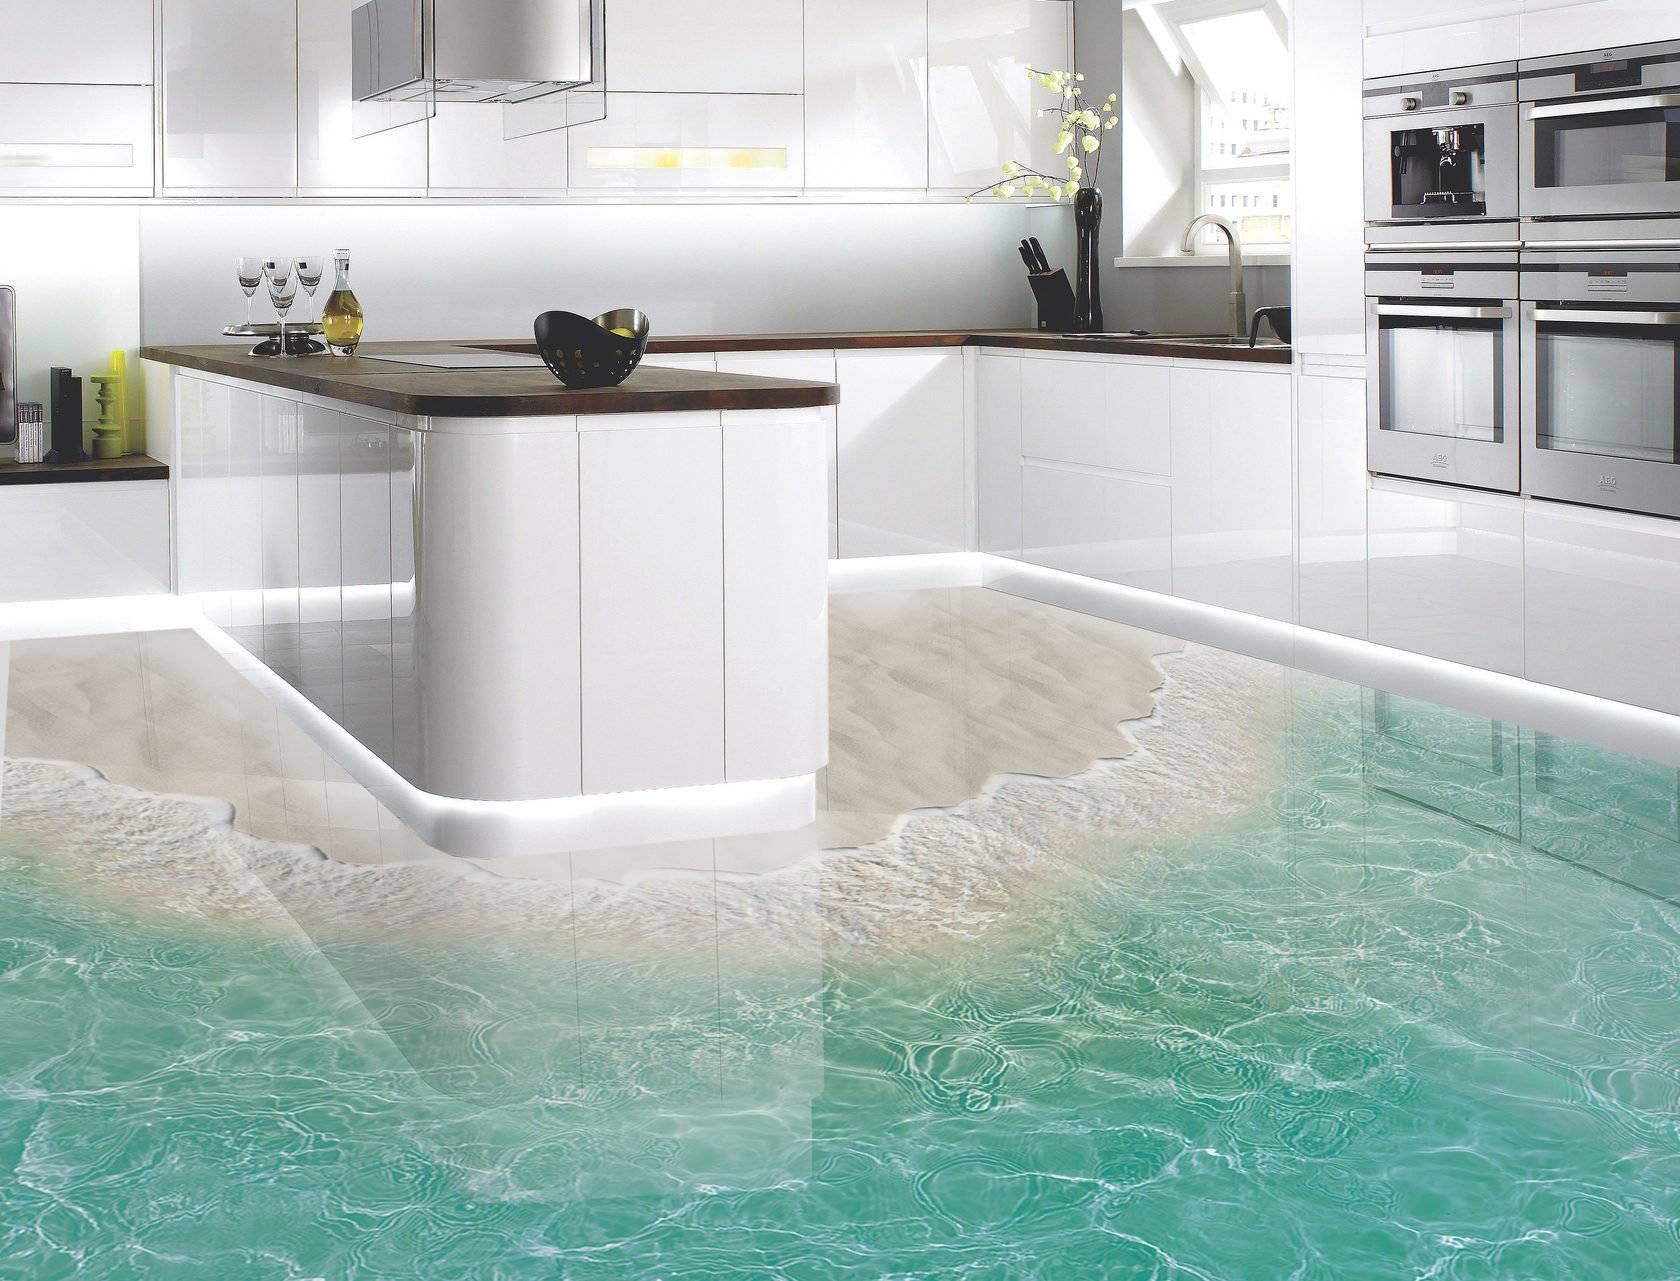 Наливной самовыравнивающийся пол на кухне – выбор и монтаж (фото)